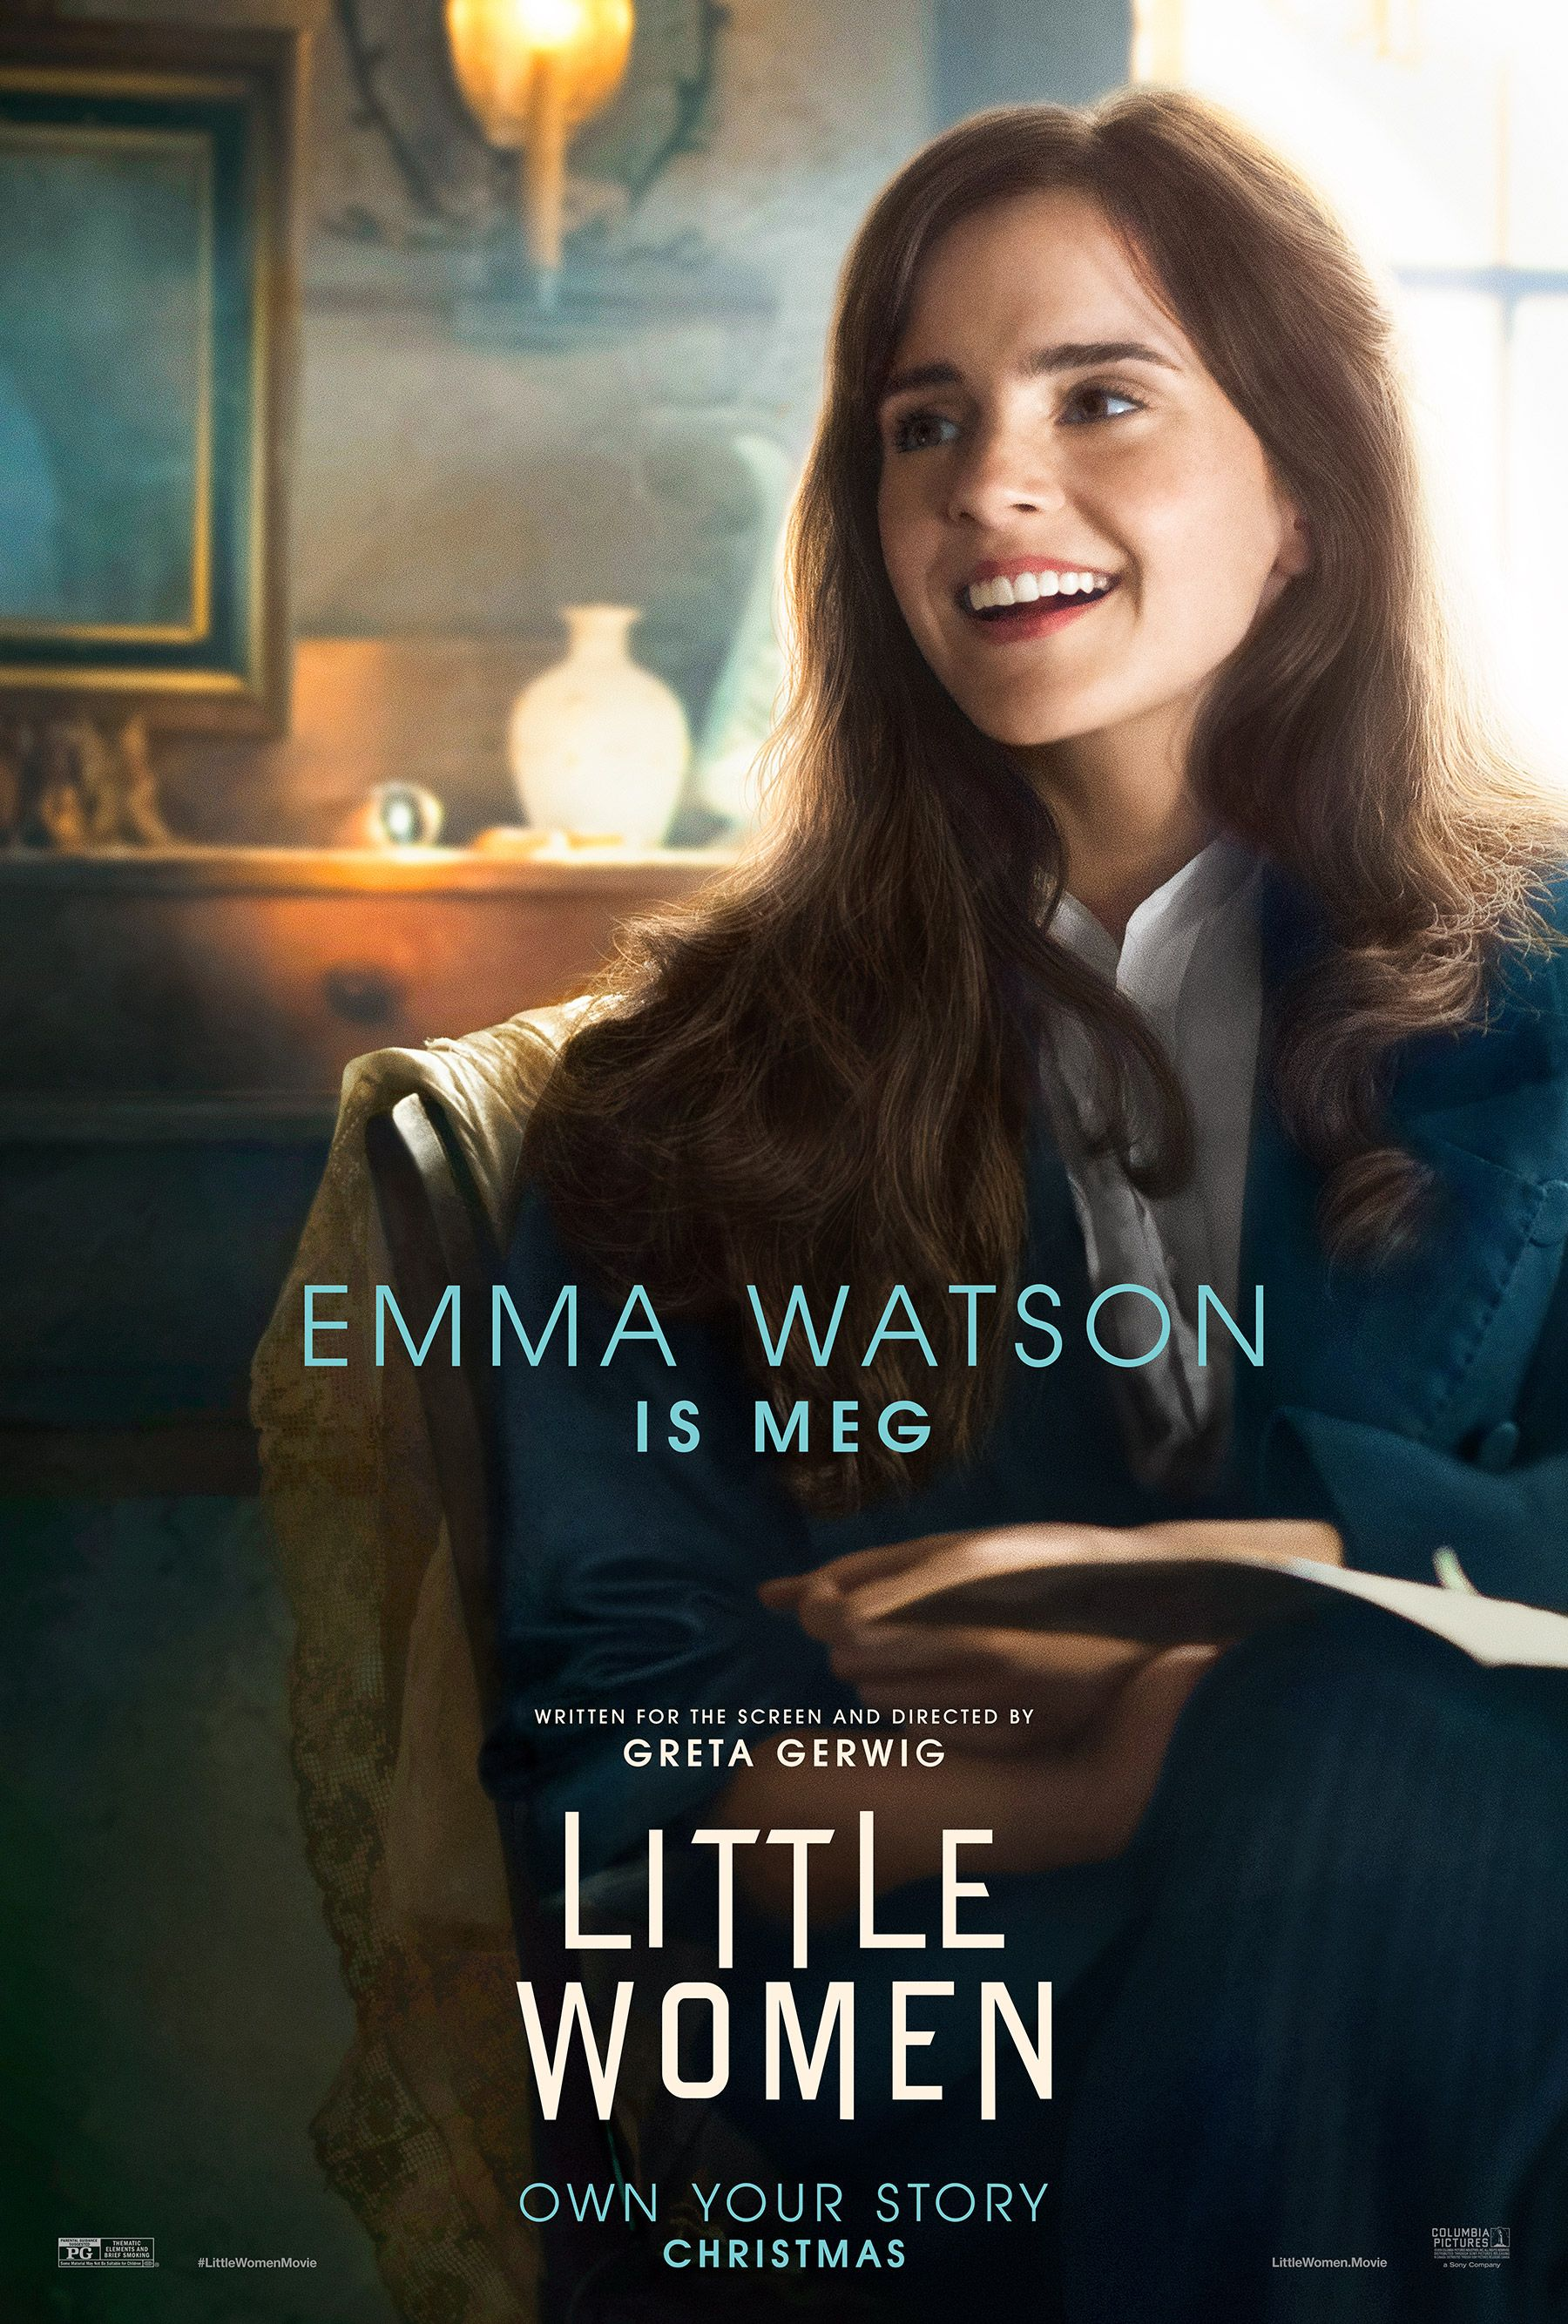 Saoirse Ronan Emma Watson Timothee Chalamet Are Ready To Break Hearts In New Little Women Posters Emma Watson Movies Woman Movie Emma Watson